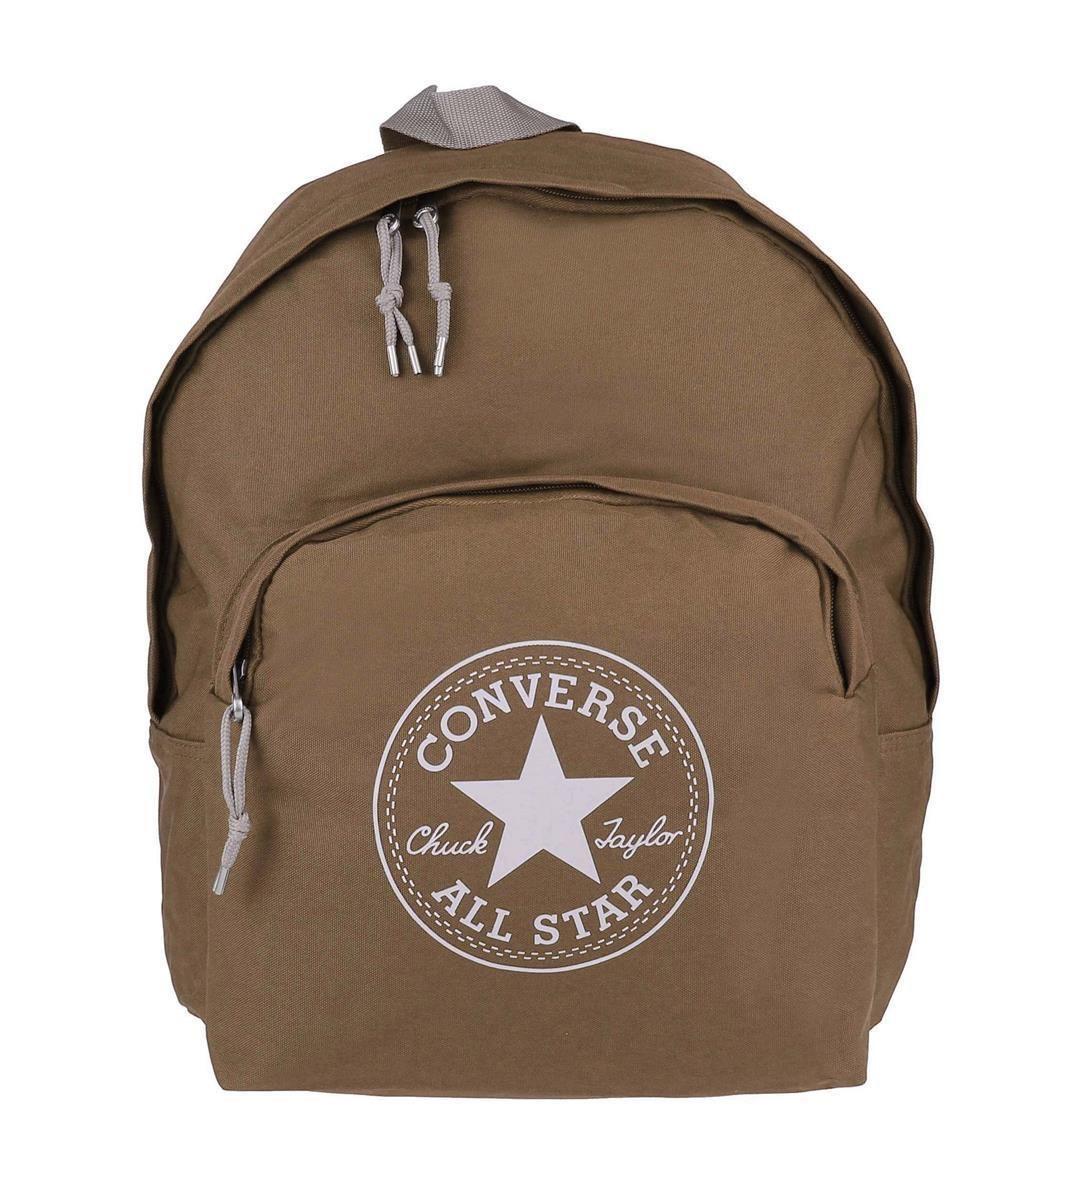 CONVERSE STAR XXL RUCKSACK Daypack Laptopfach Tasche Backpack Reise-Gepäck Sport